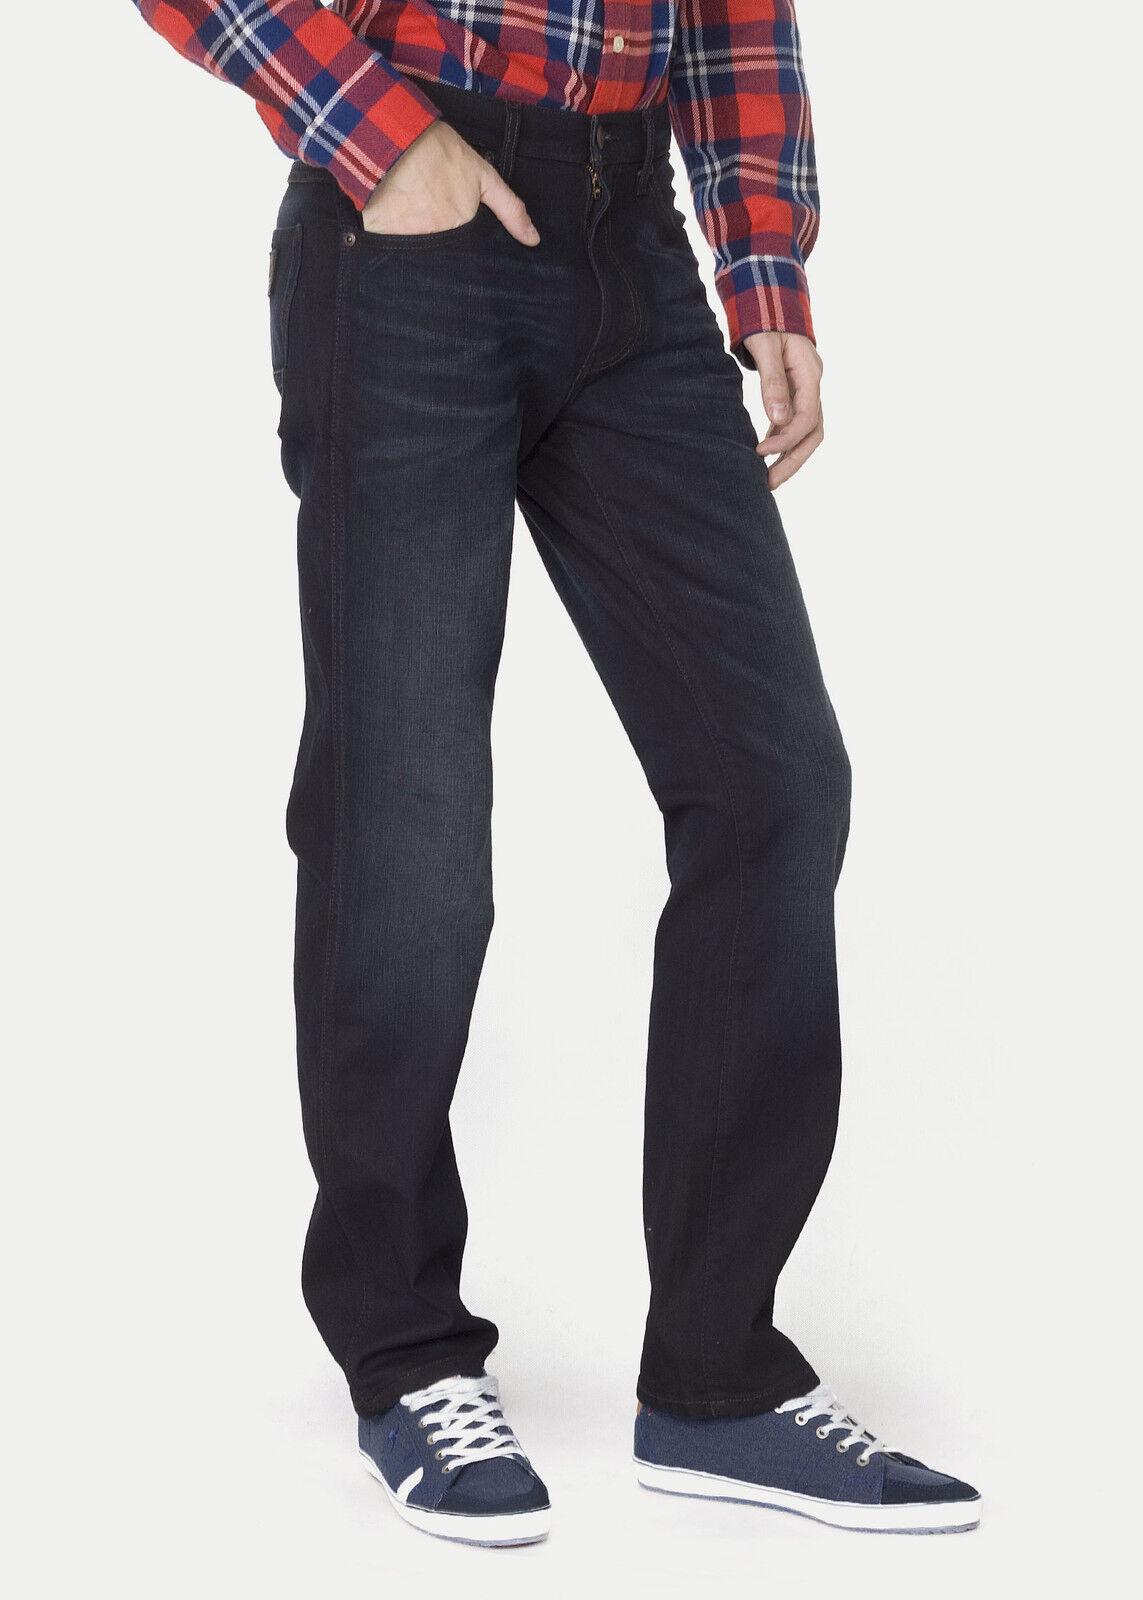 Wrangler® Arizona Regular Stretch Jeans Home Comforts - 38 34 -  | Einfach zu spielen, freies Leben  | Die erste Reihe von umfassenden Spezifikationen für Kunden  | Moderne Muster